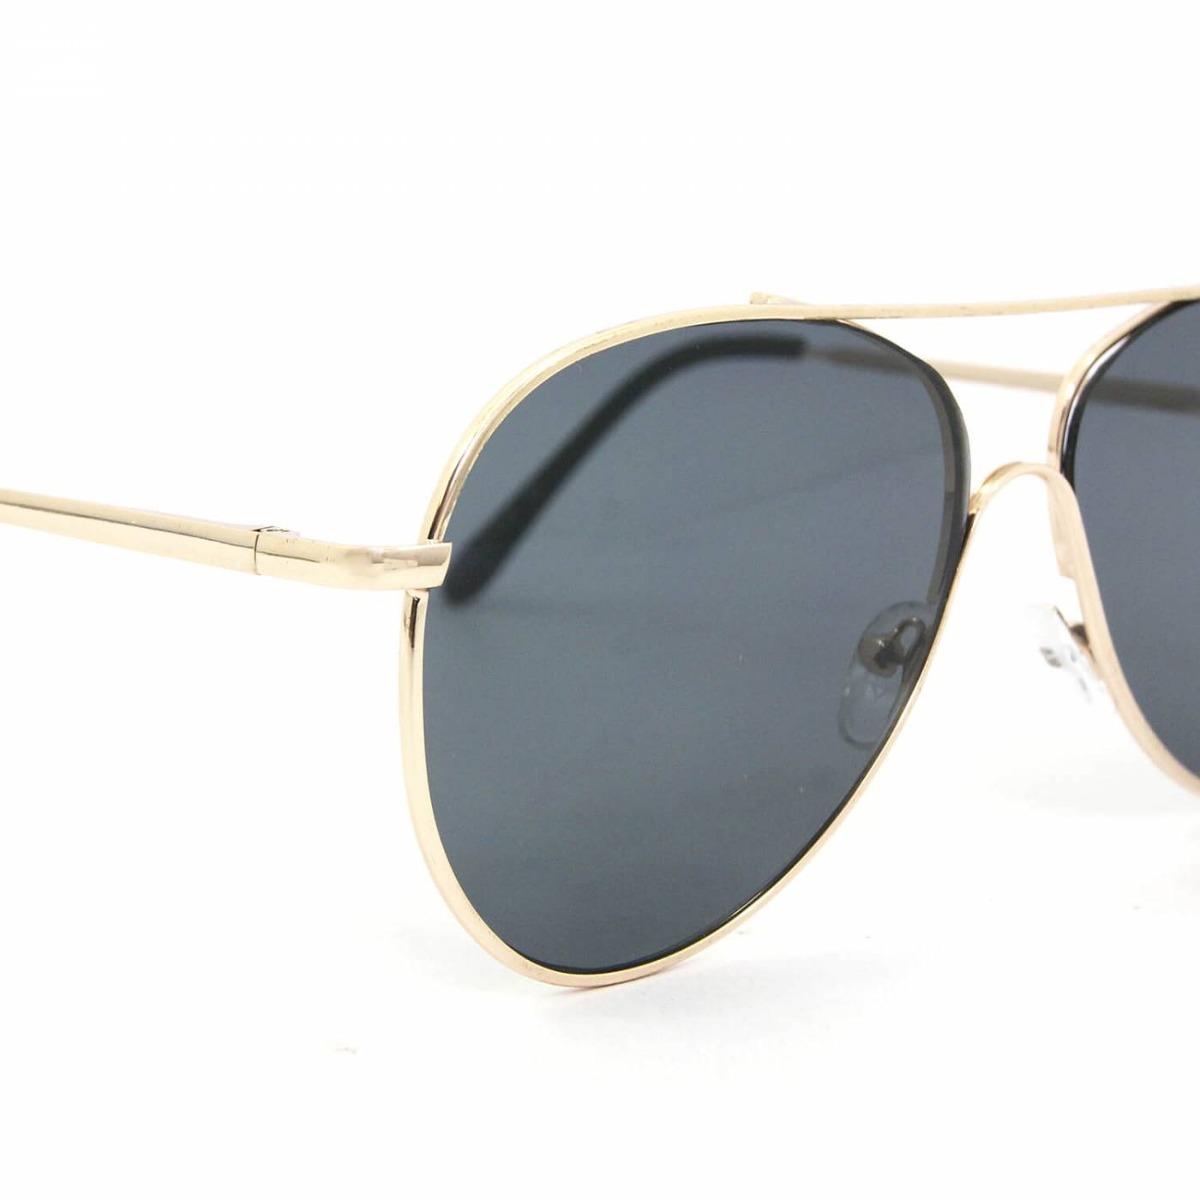 bba9a3ff39902 Óculos De Sol Aviador Dourado Com Lente Preta - R  114,17 em Mercado ...